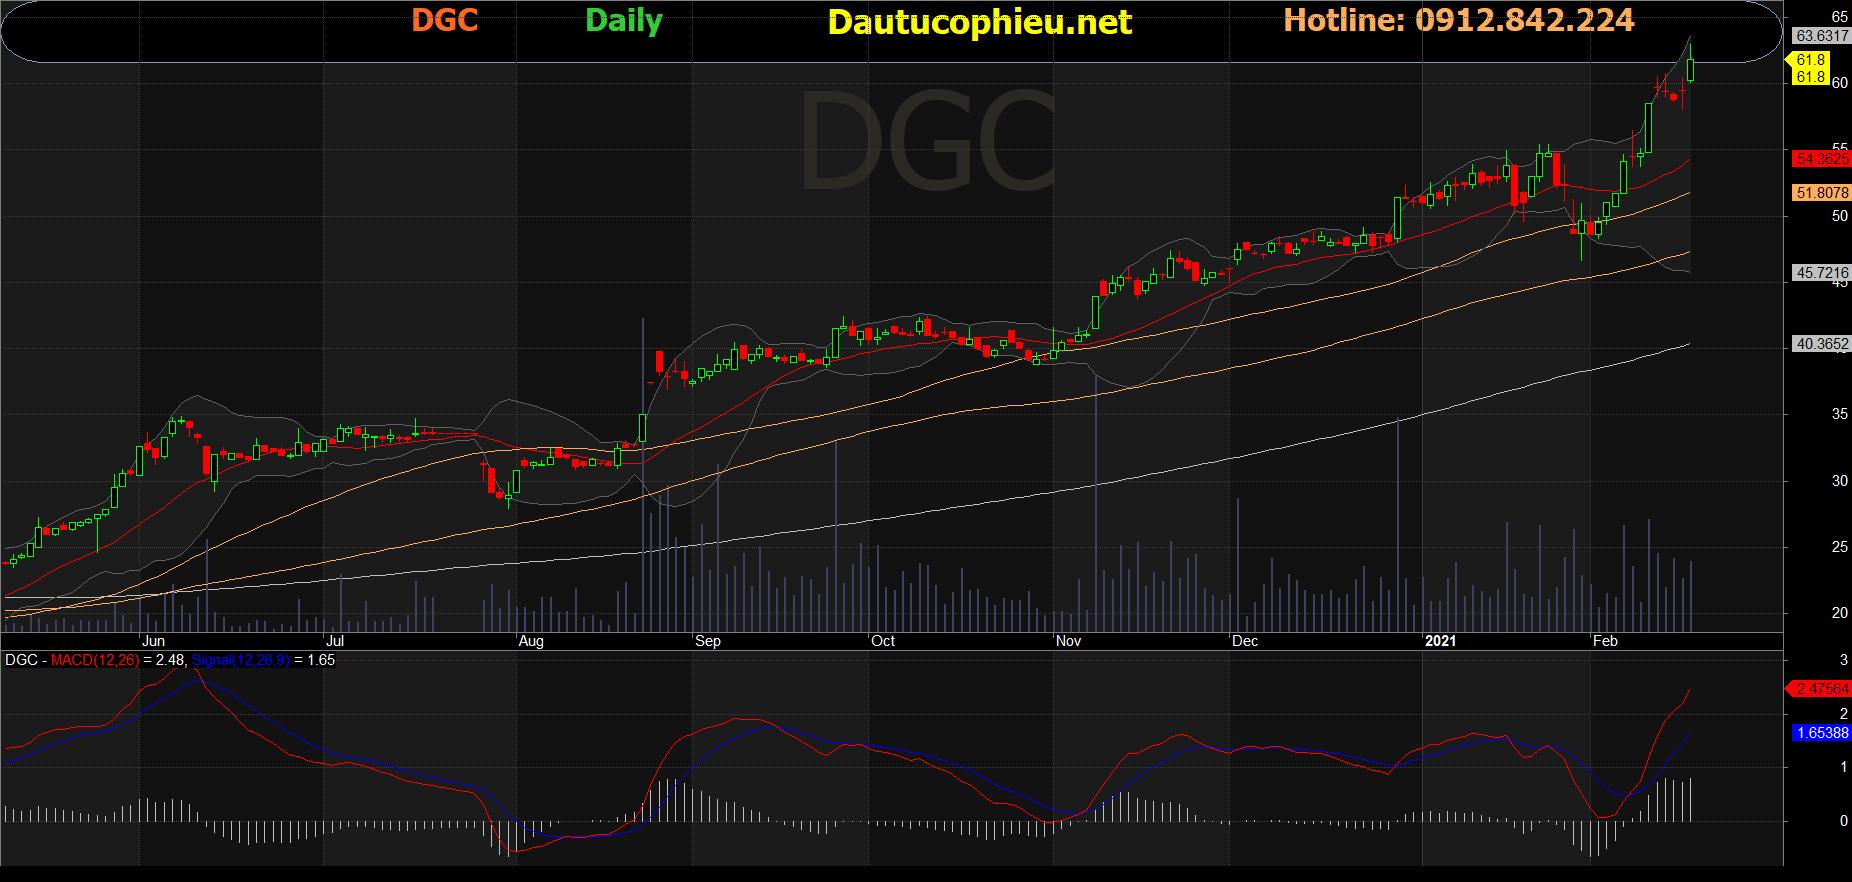 Cổ phiếu DGC